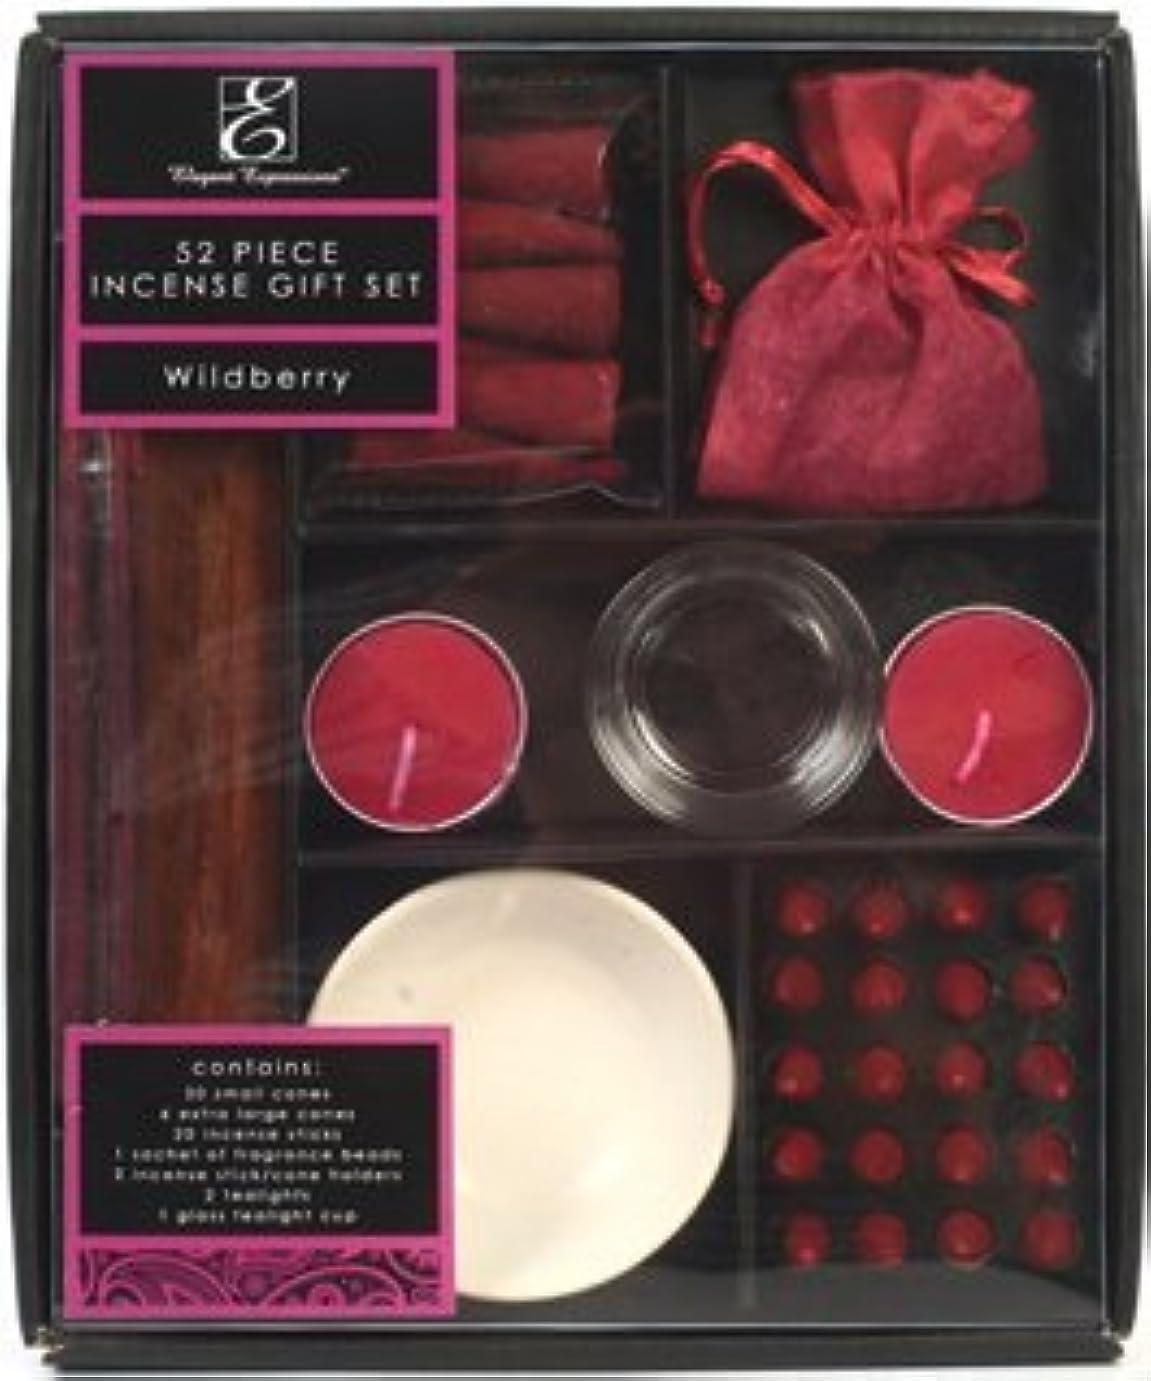 ミスペンド精通した足音アロマセラピーHosley Wild Berry Scentedプレミアムギフトパック、52 Pieces Highly香りつきIncense。手Fragranced、Infused with Essential Oils...